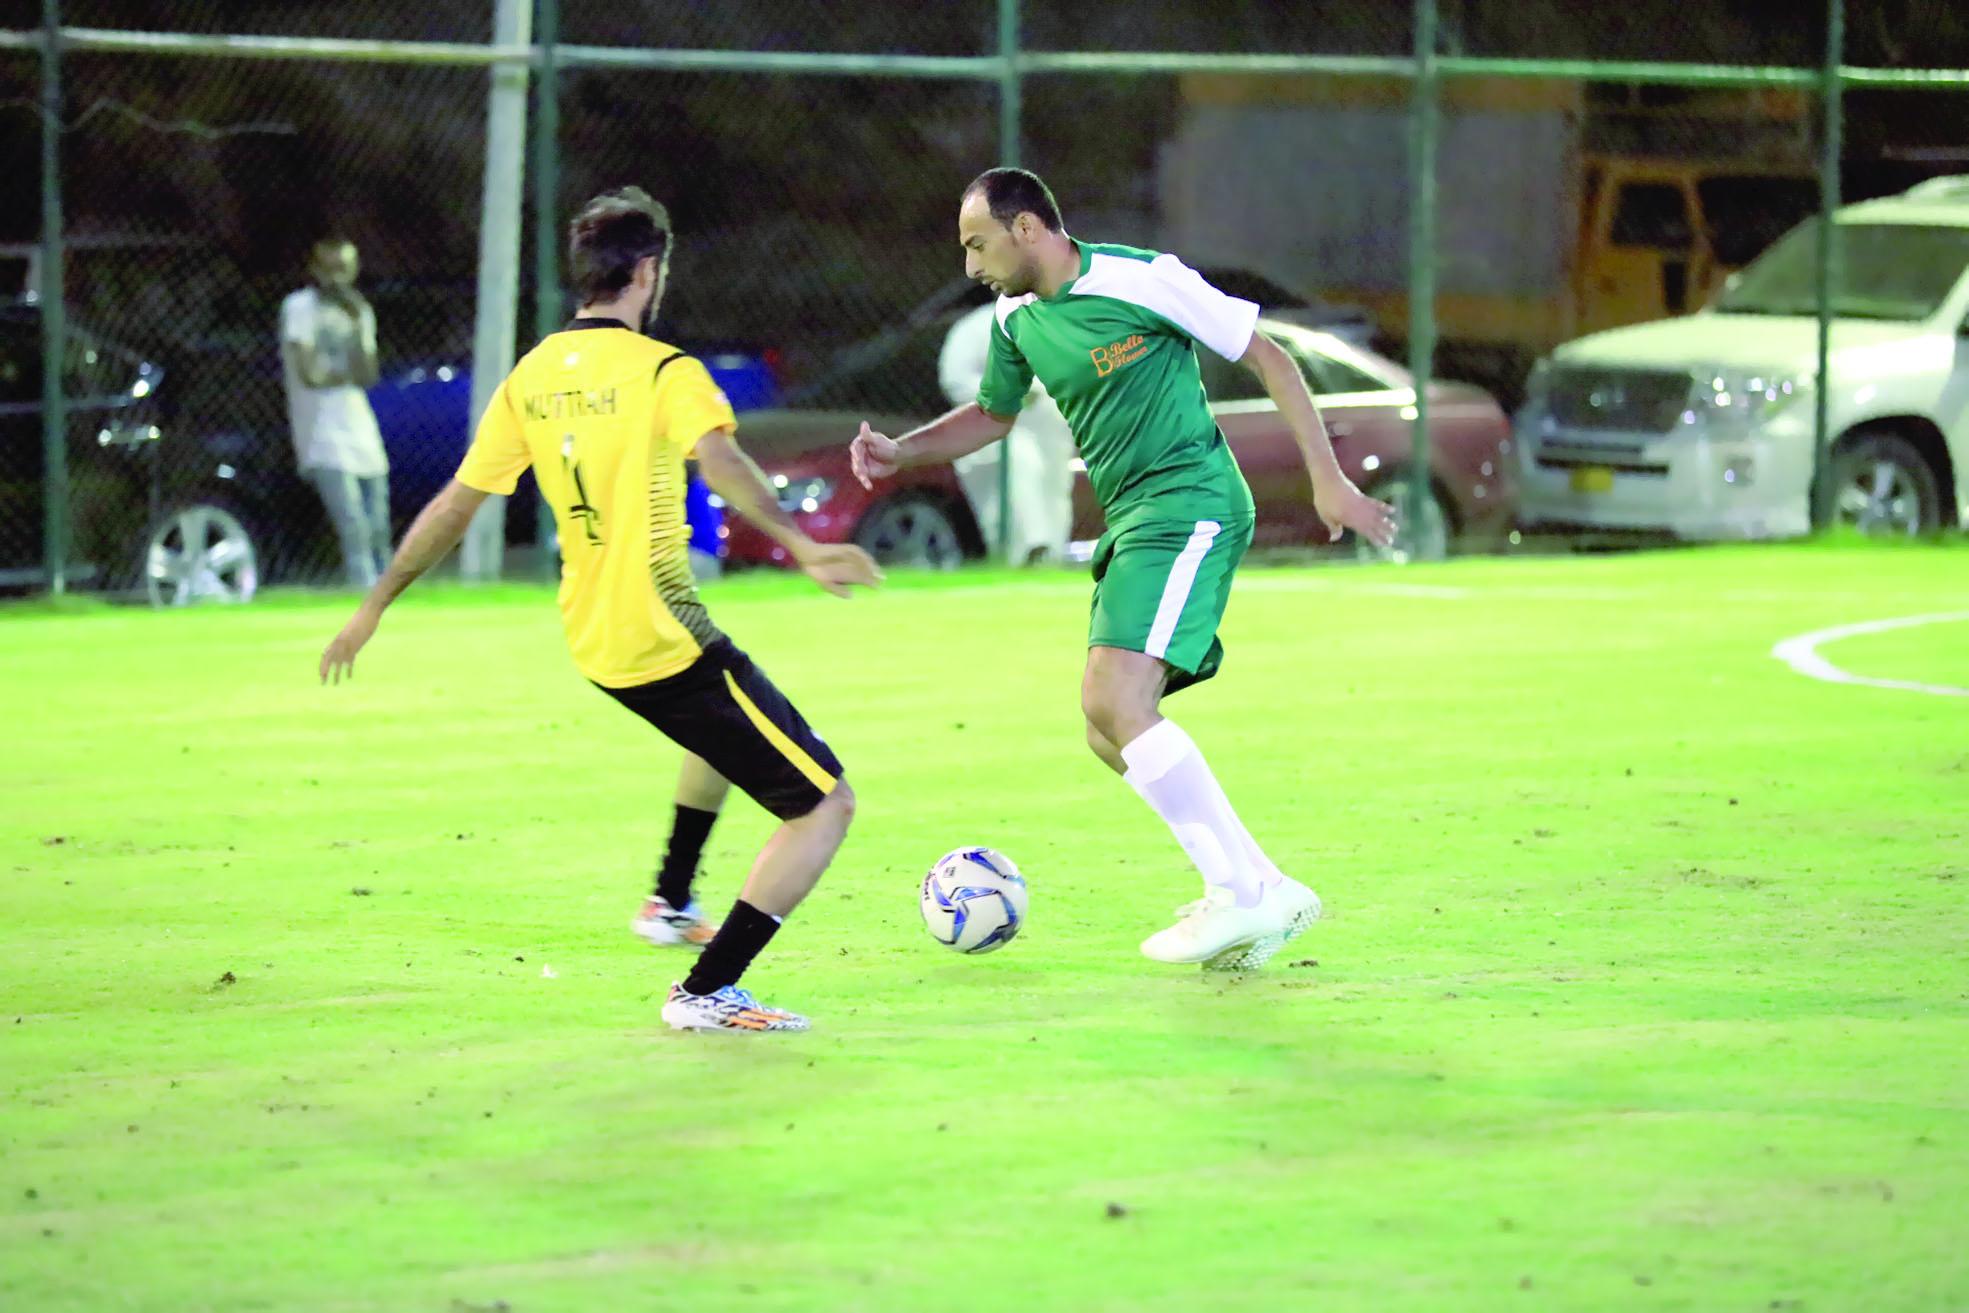 انطلاق بطولة بلدية مسقط الرمضانية لكرة القدم